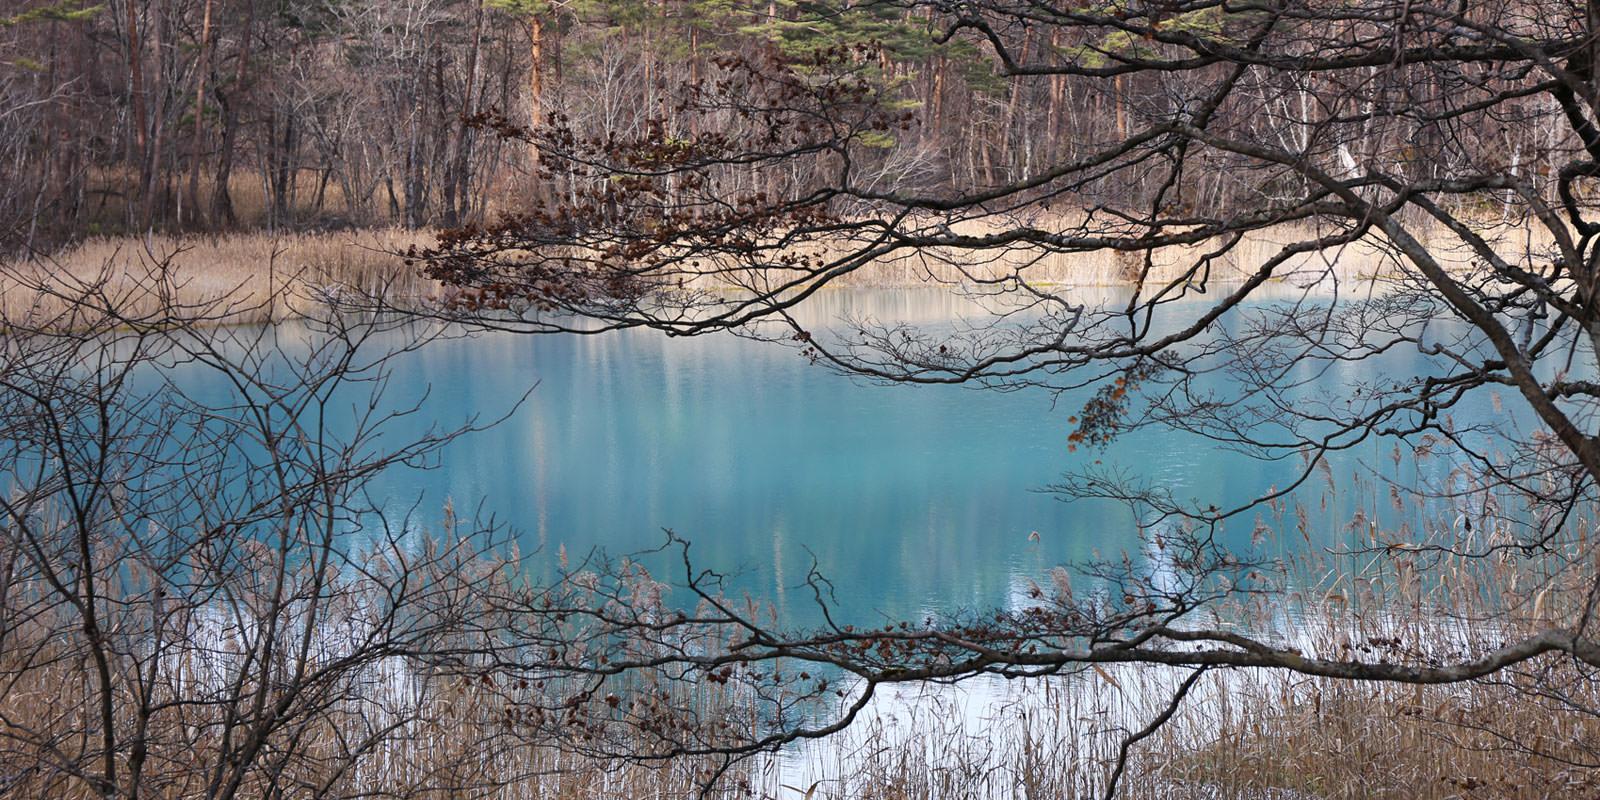 一個人旅行❆冬の東北&南北海道賞雪泡湯Day2:在山林裡遇見夢幻Tiffany藍~絕美五色沼